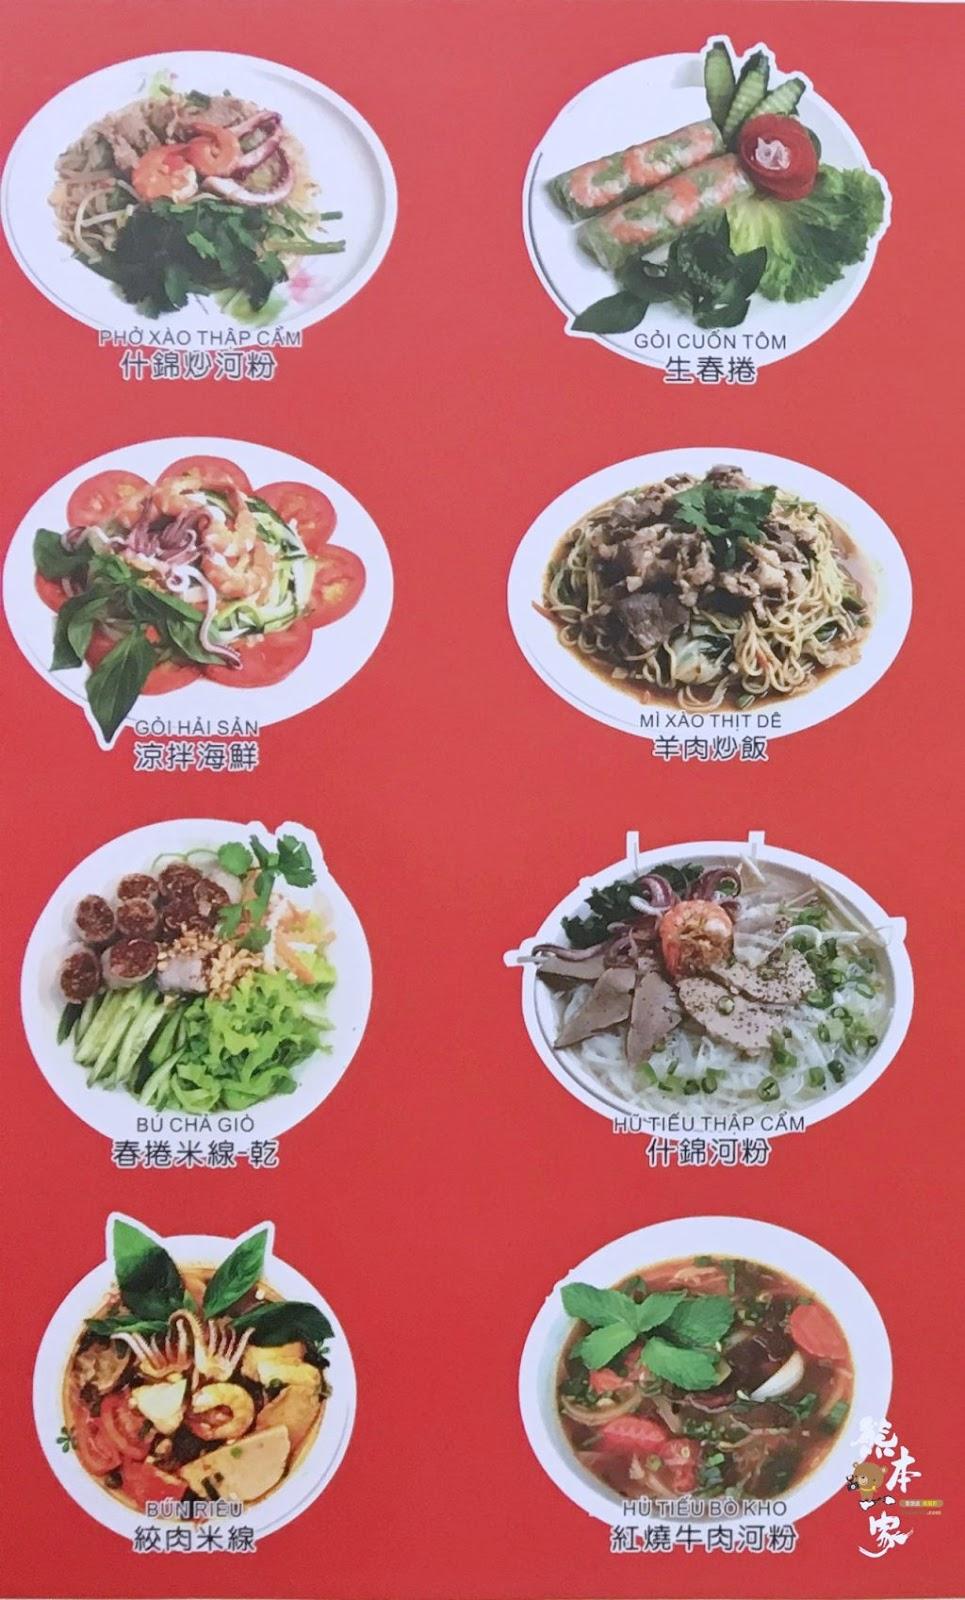 佳家越南小吃菜單menu 放大清晰版詳細分類資訊